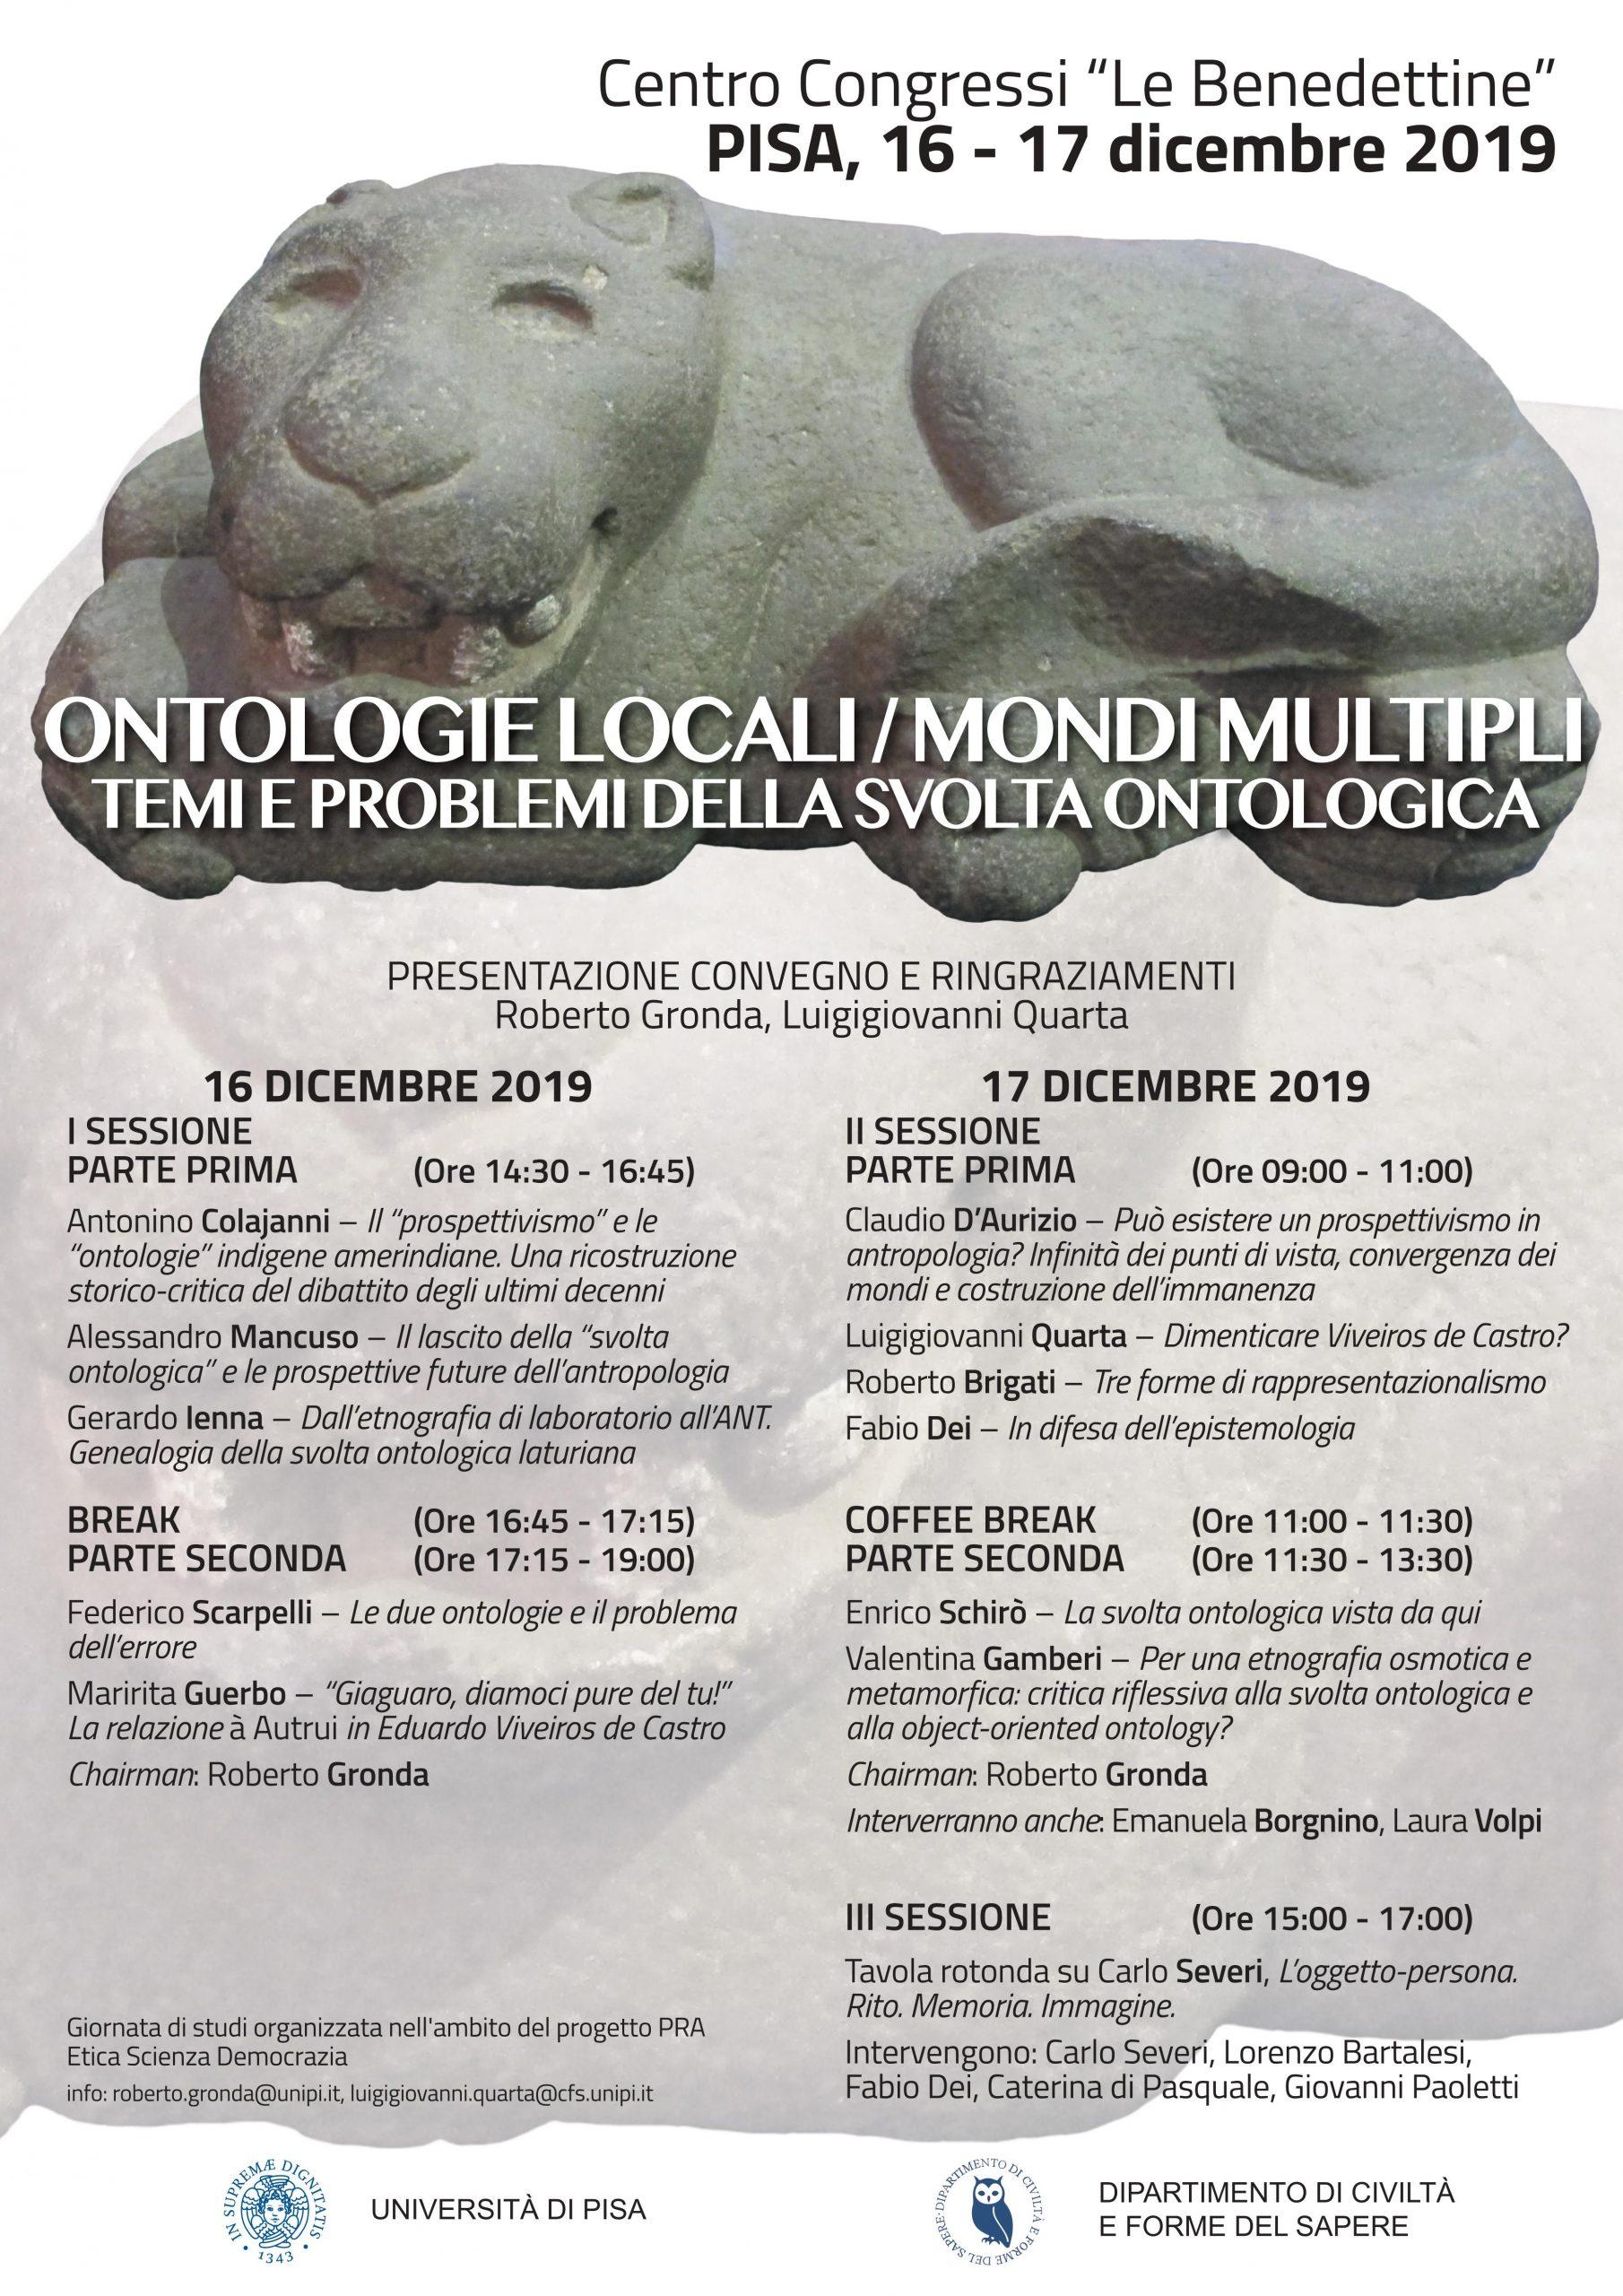 ontologie-locali-mondi-multipli